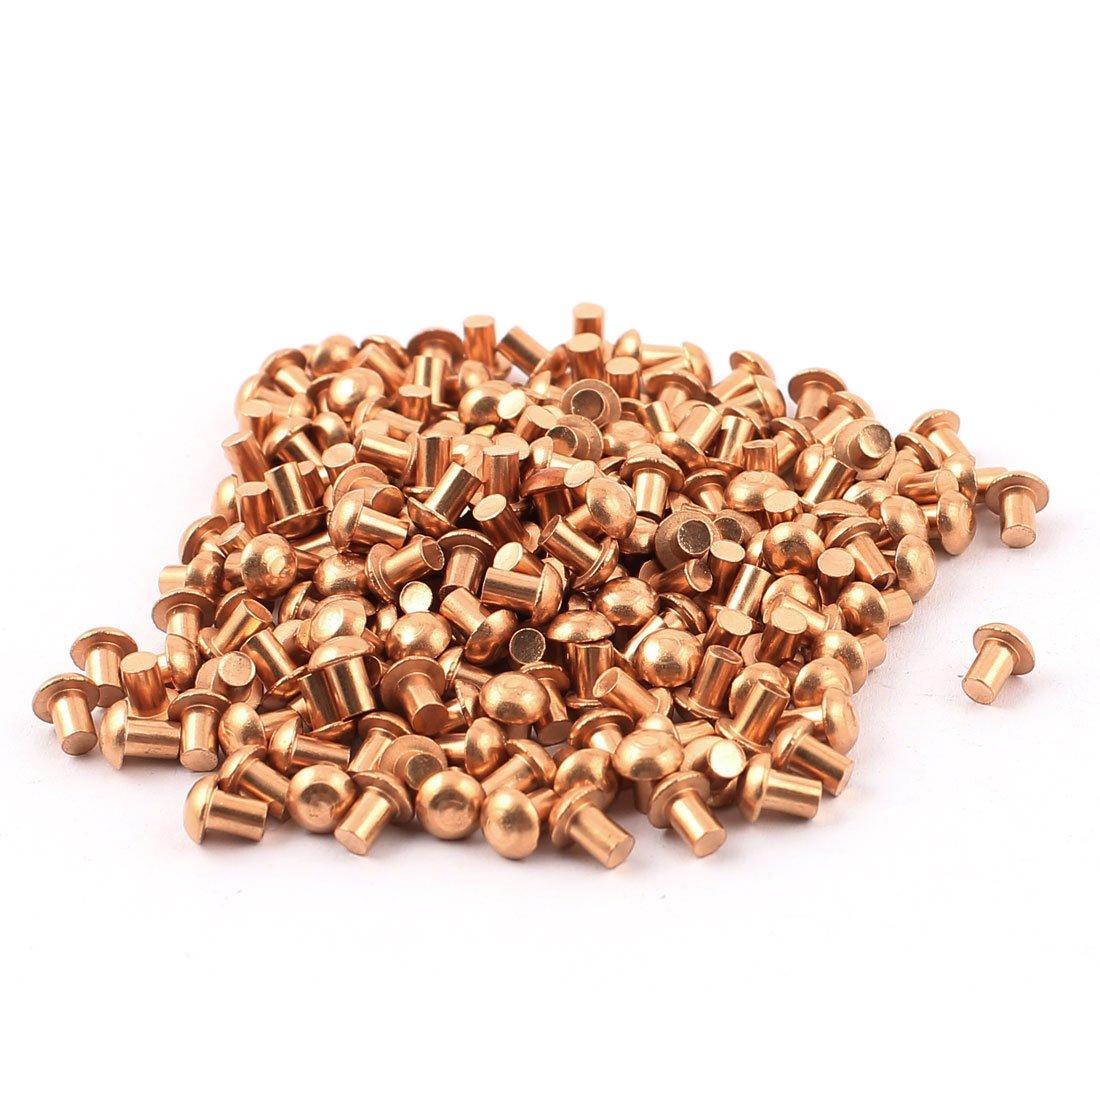 uxcell 50 Pcs 5//32 x 5//8 Flat Head Copper Solid Rivets Fasteners